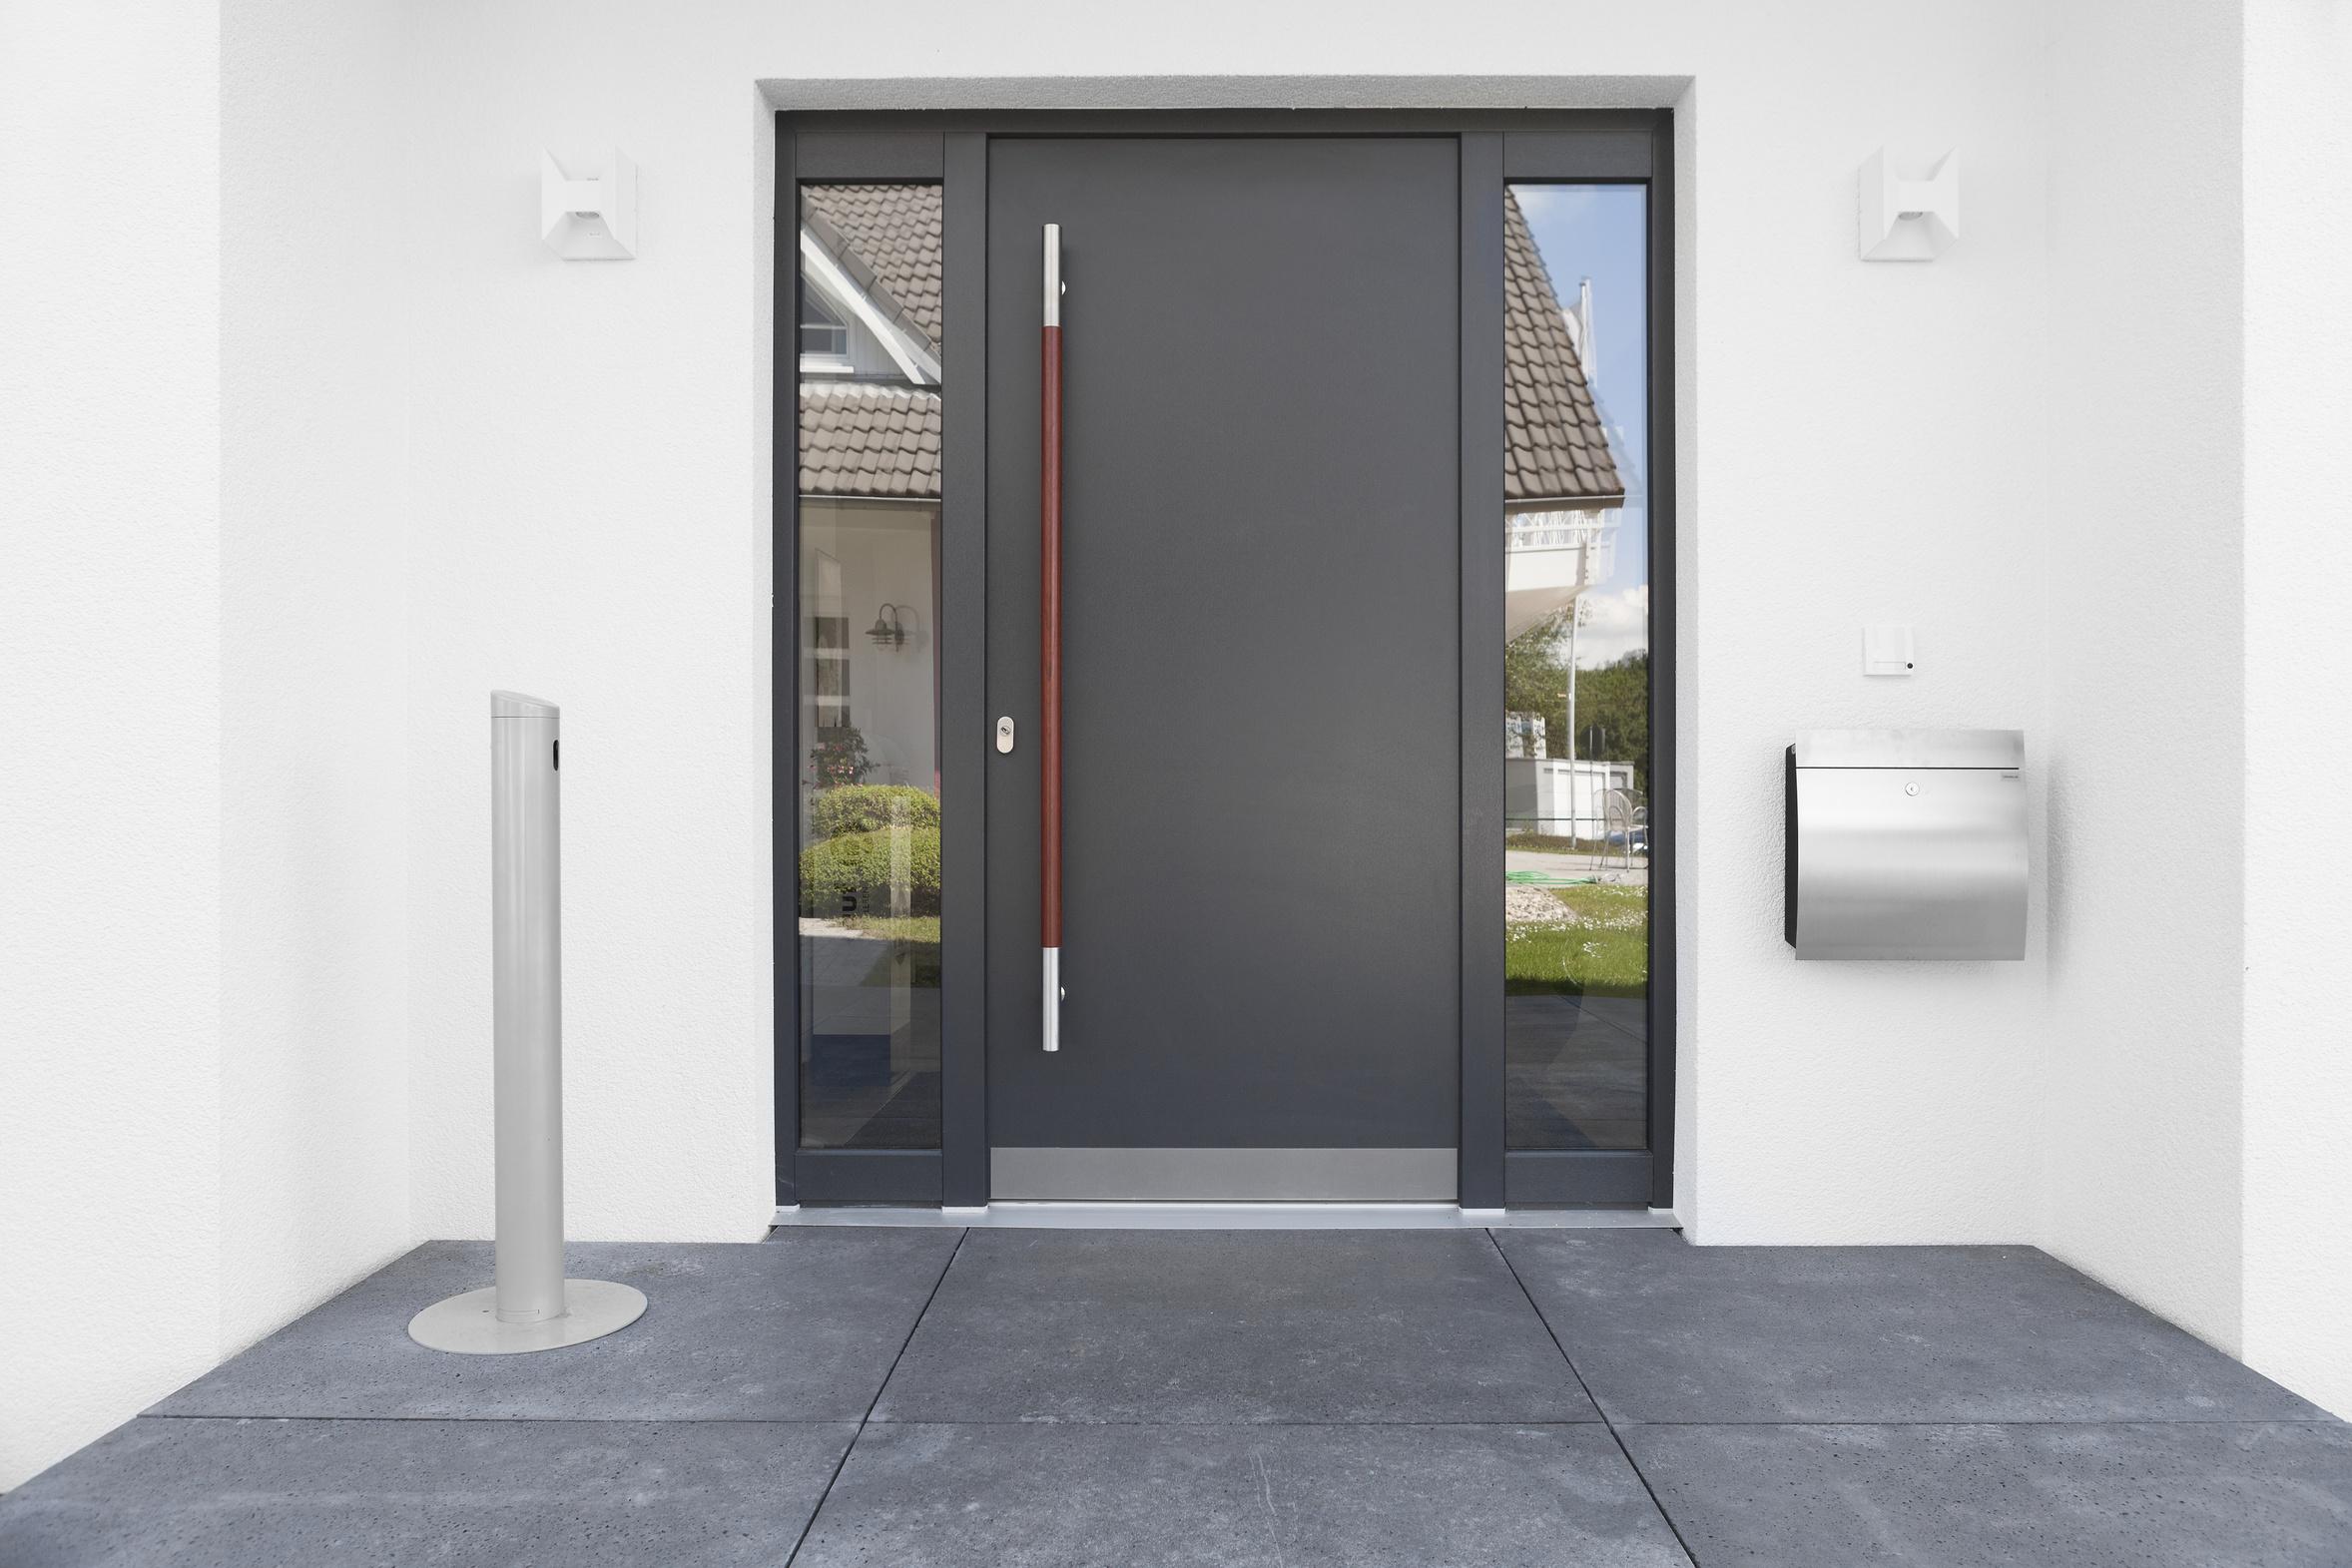 Wir bieten Ihnen den Einbau von Haustüren und Zimmertüren aller Art.